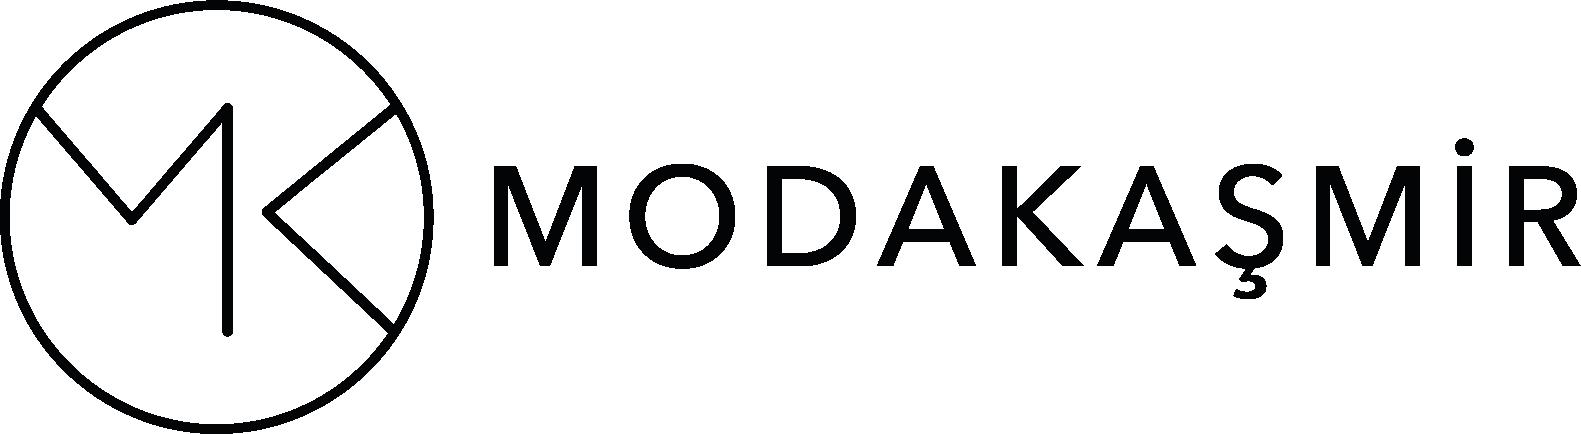 MODAKASMIR TEKSTIL E-TICARET VE PAZARLAMA LTD. STI.